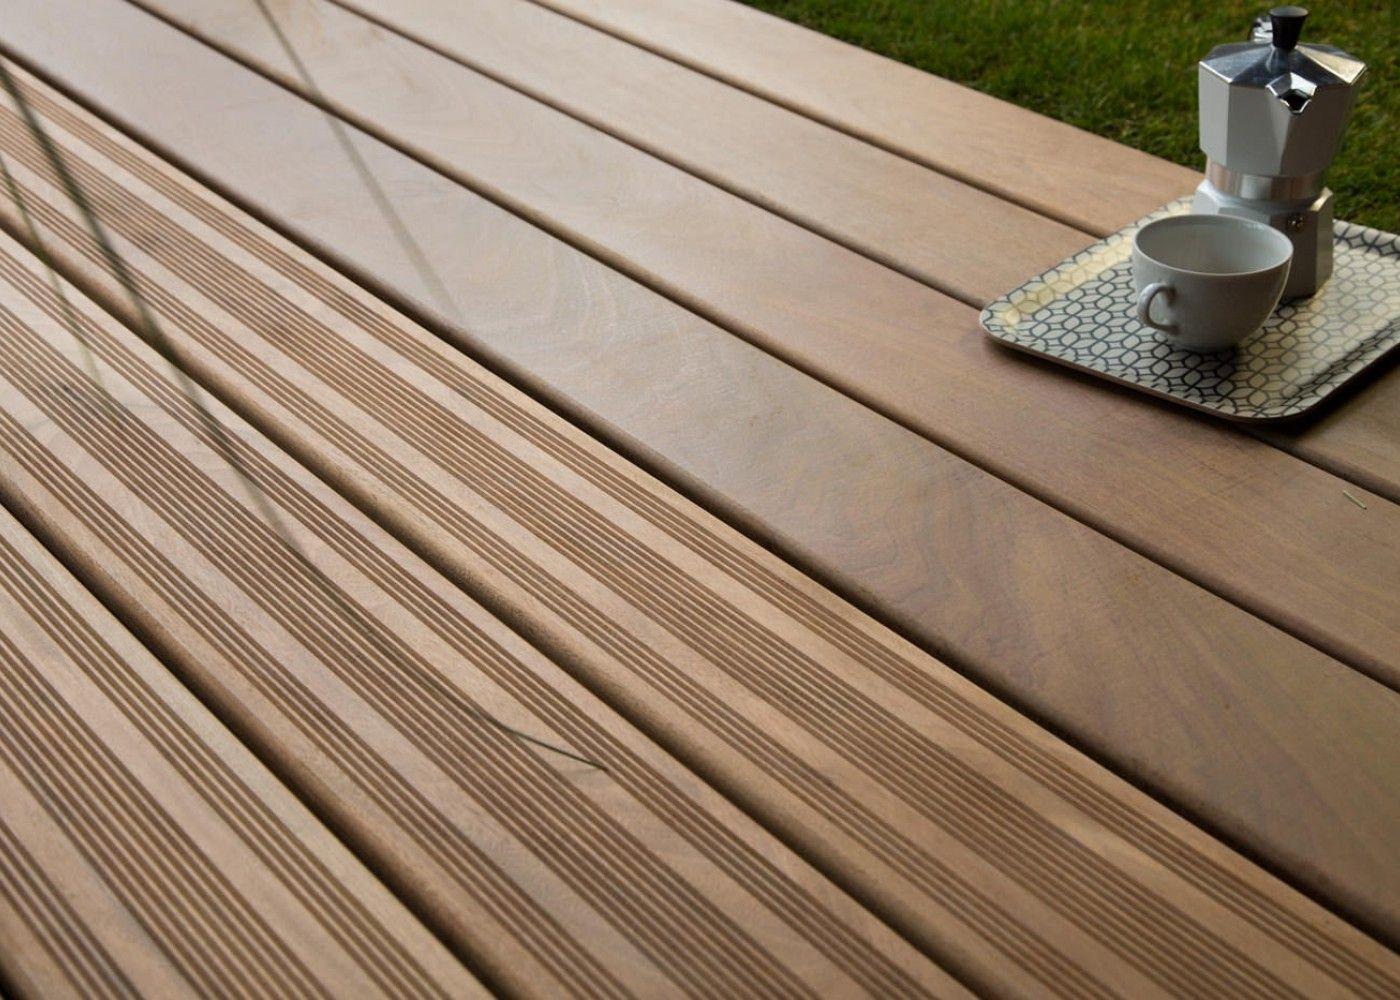 Lame de terrasse en bois exotique Ipé Une référence